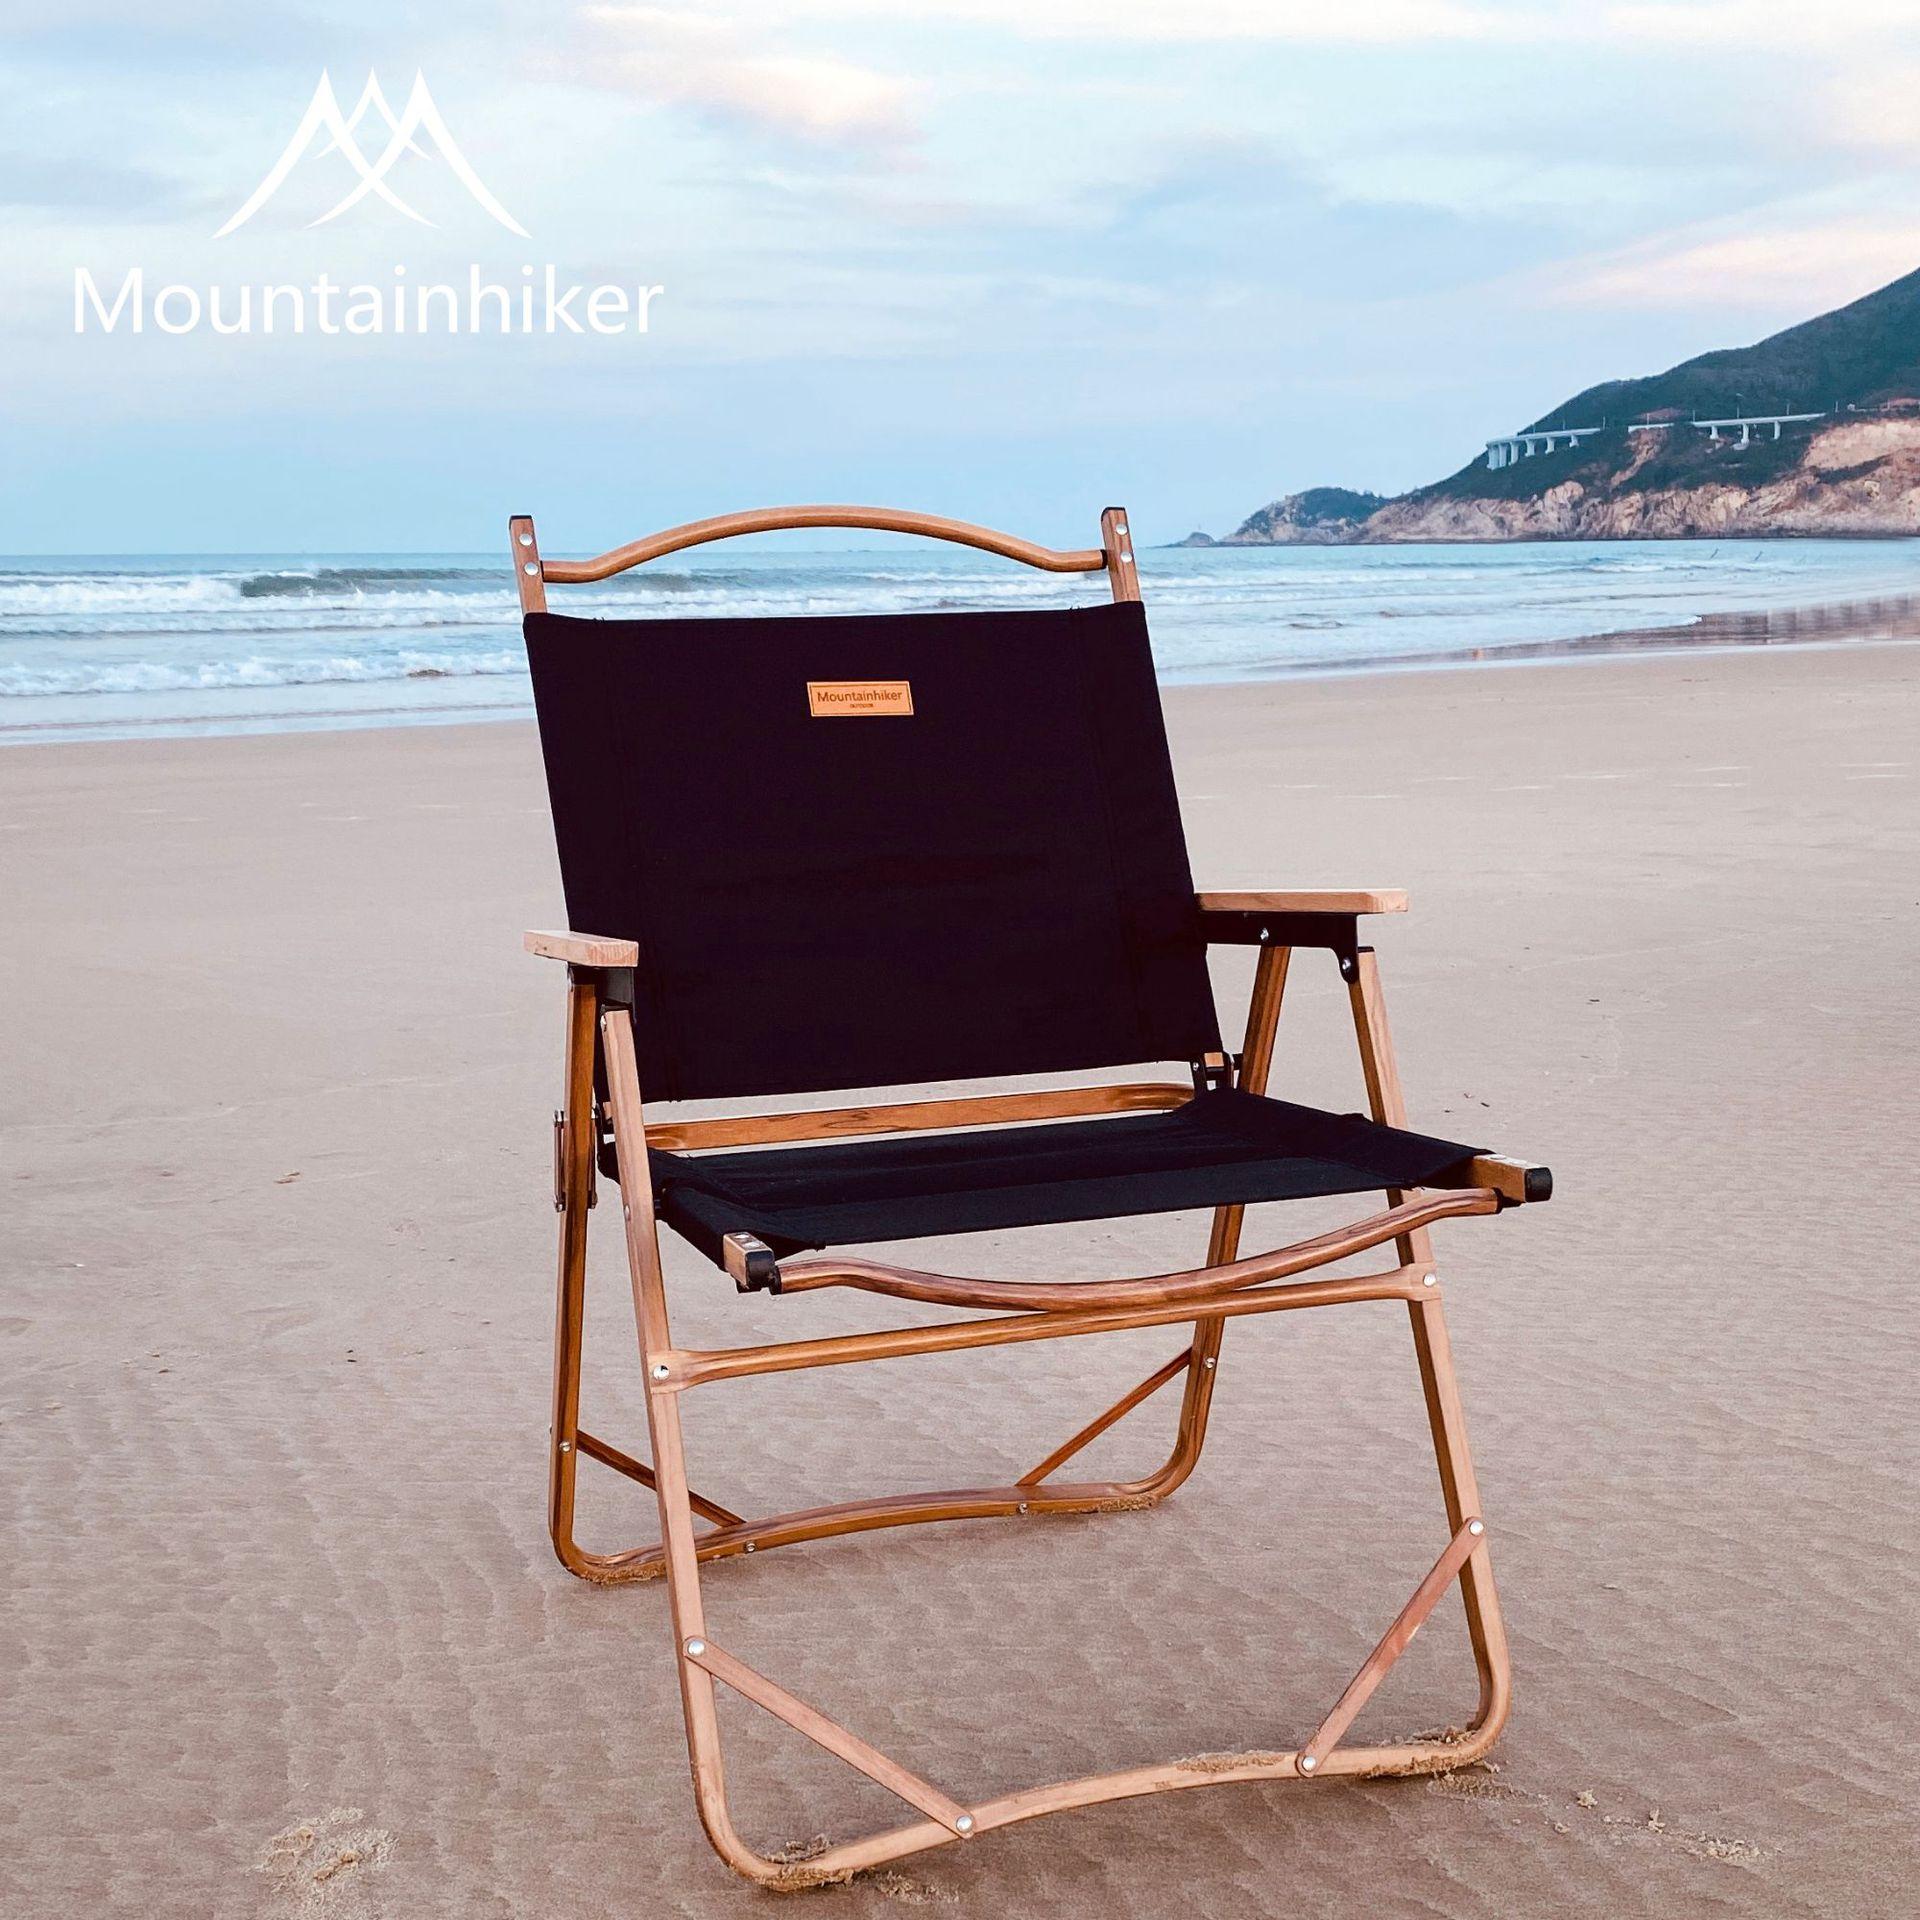 Уличное кресло, портативный складной садовый ультралегкий деревянный стул для кемпинга, рыбалки, путешествий, пикника, кемпинга, пляжа, балкона